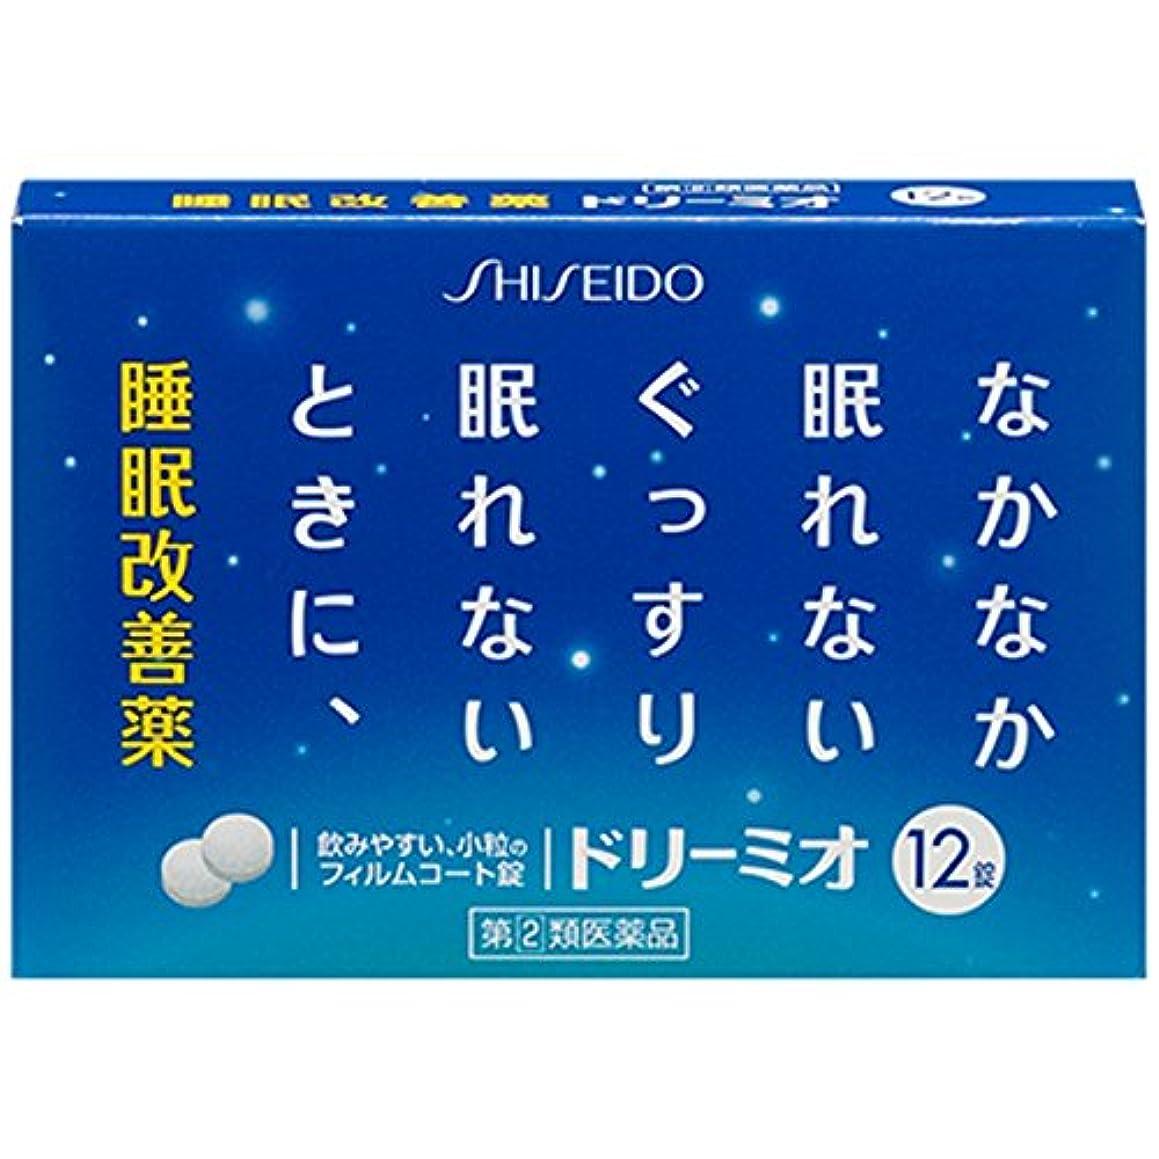 裂け目頭痛ジェームズダイソン【第2類医薬品】イララック 20カプセル